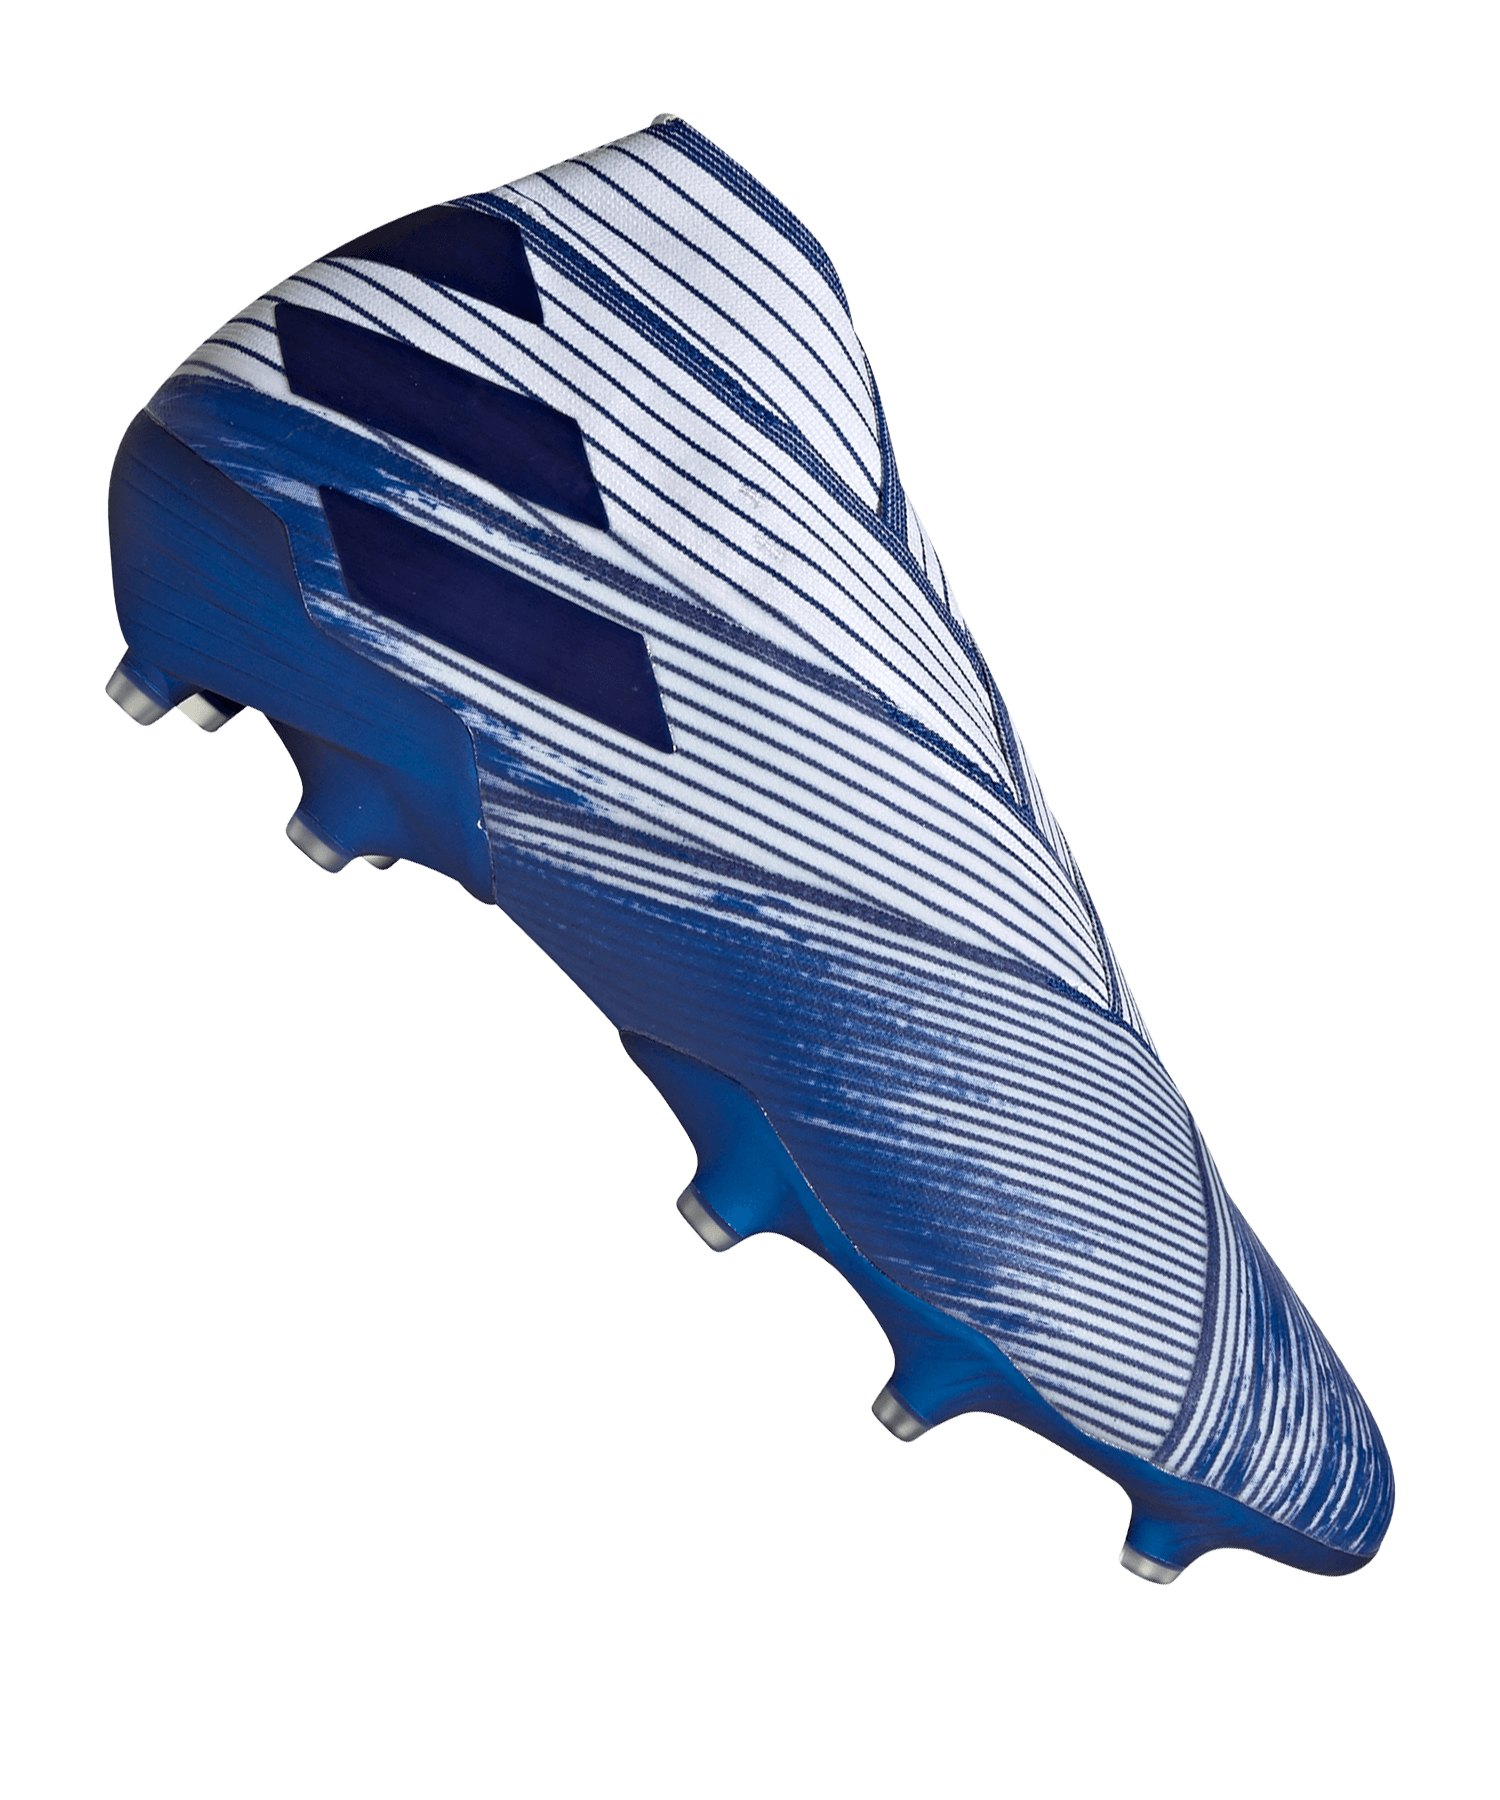 adidas NEMEZIZ 19+ FG Weiss Blau - weiss